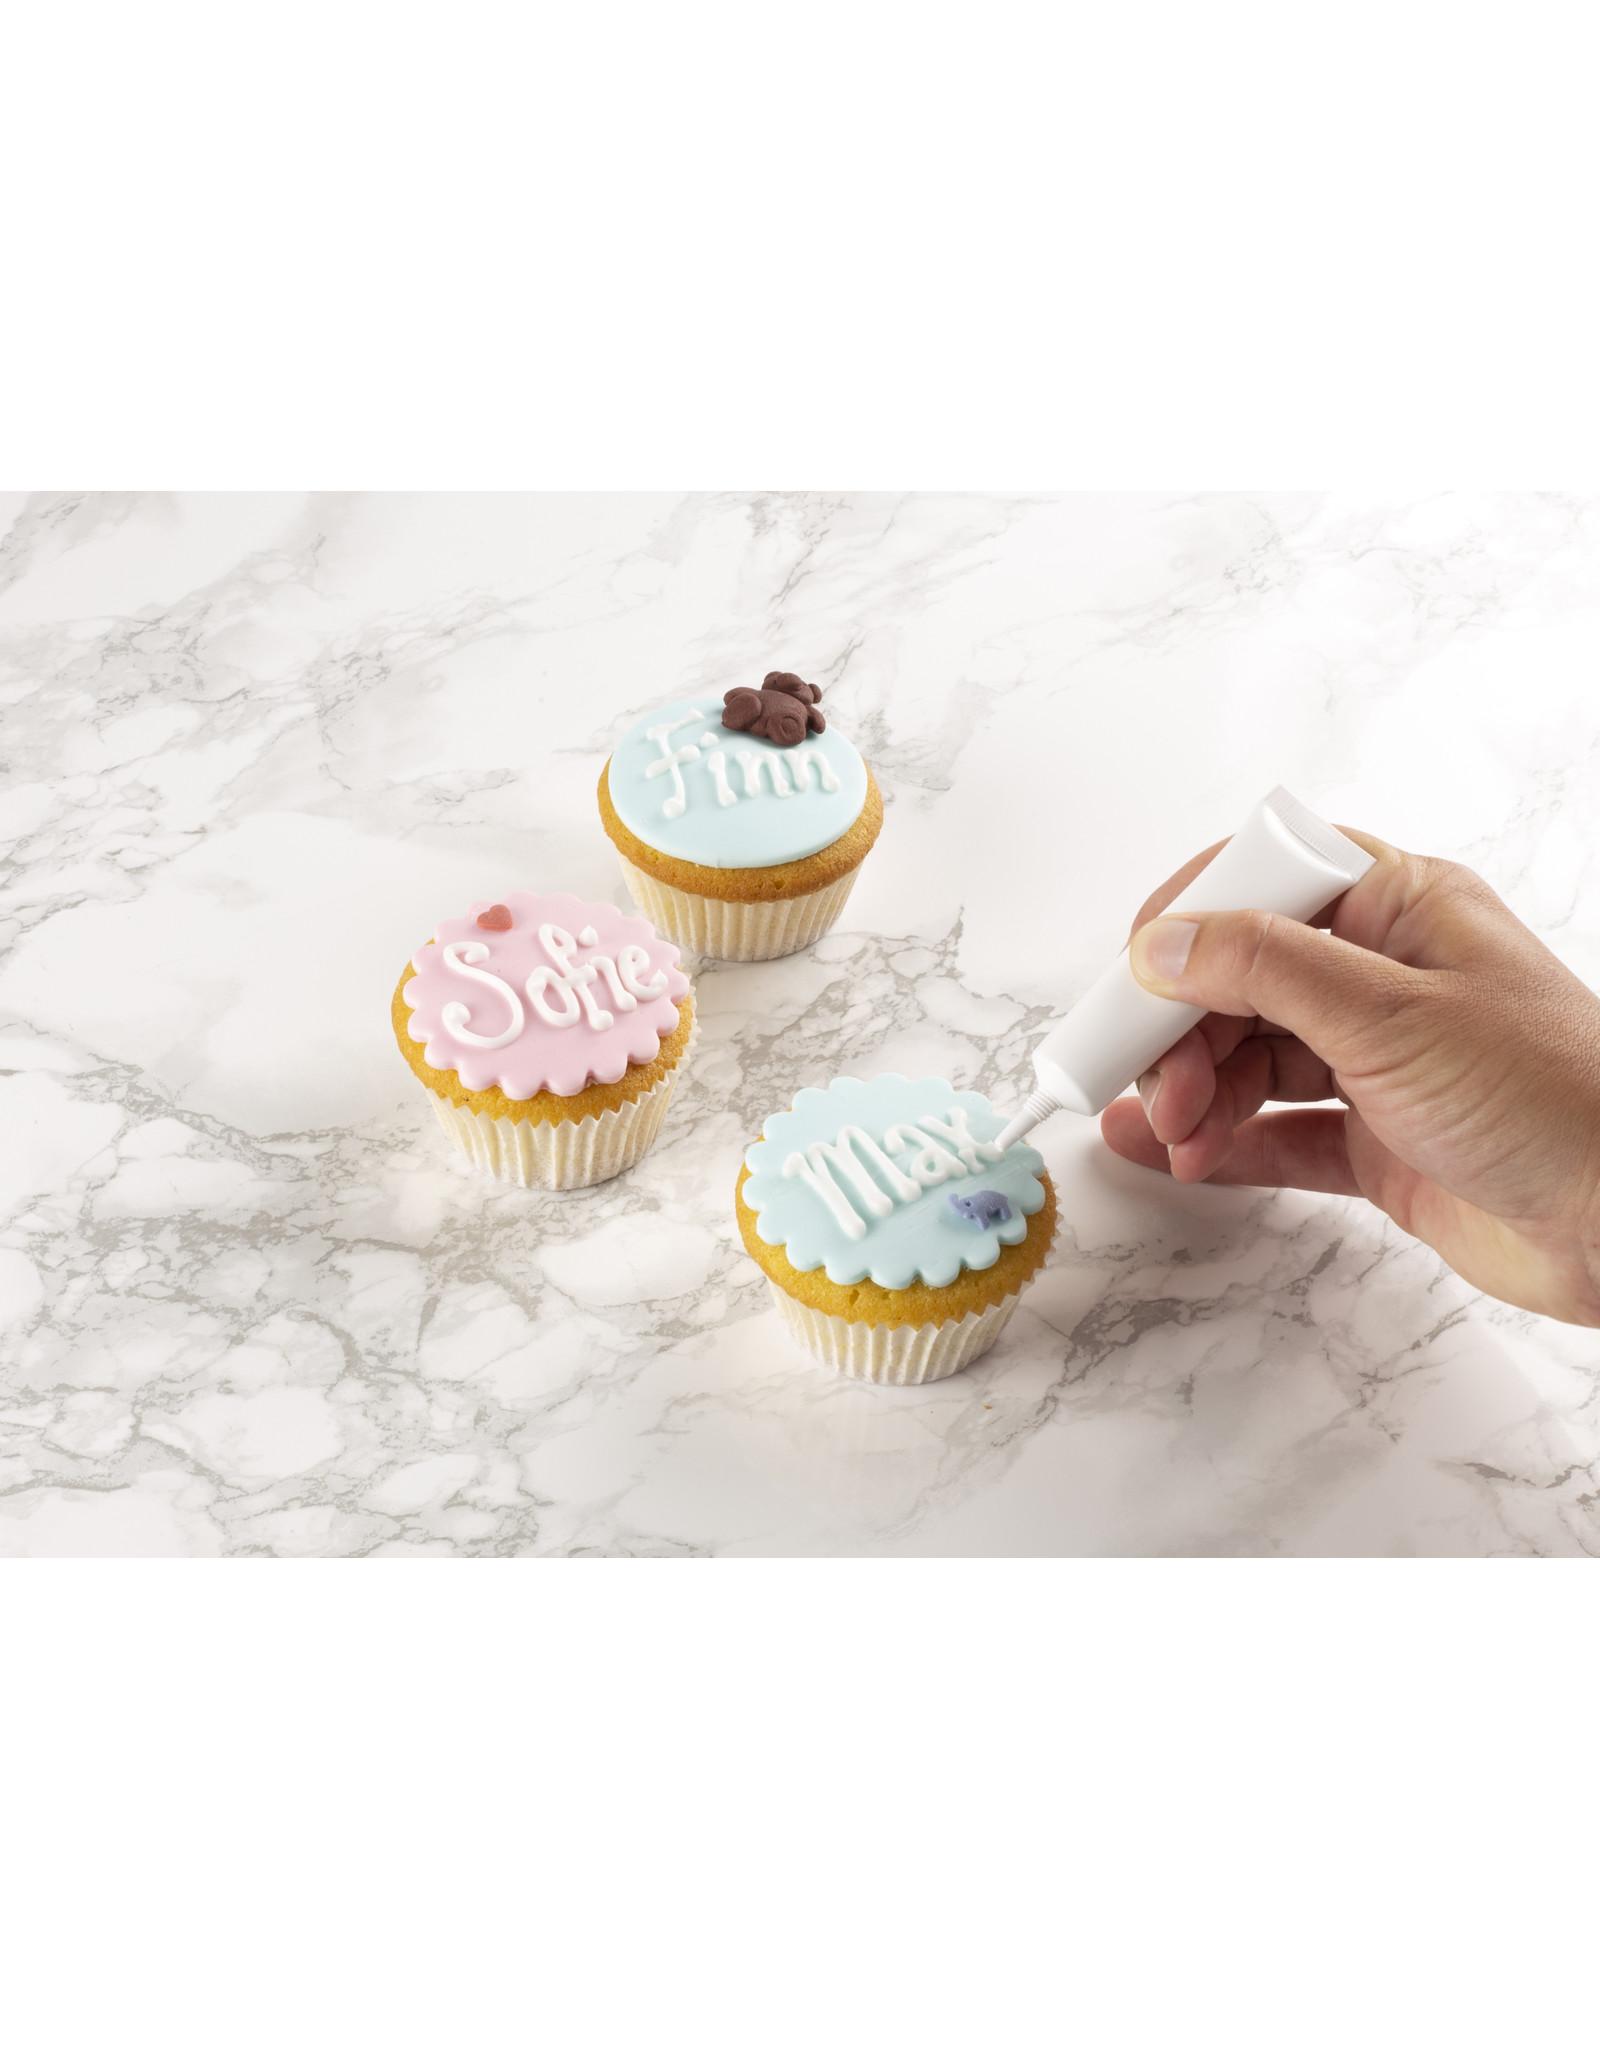 VOILA Home Bakery Voila Home Bakery Rolfondant wit - 10x 150 gram - grootverpakking (1,5 kgs)